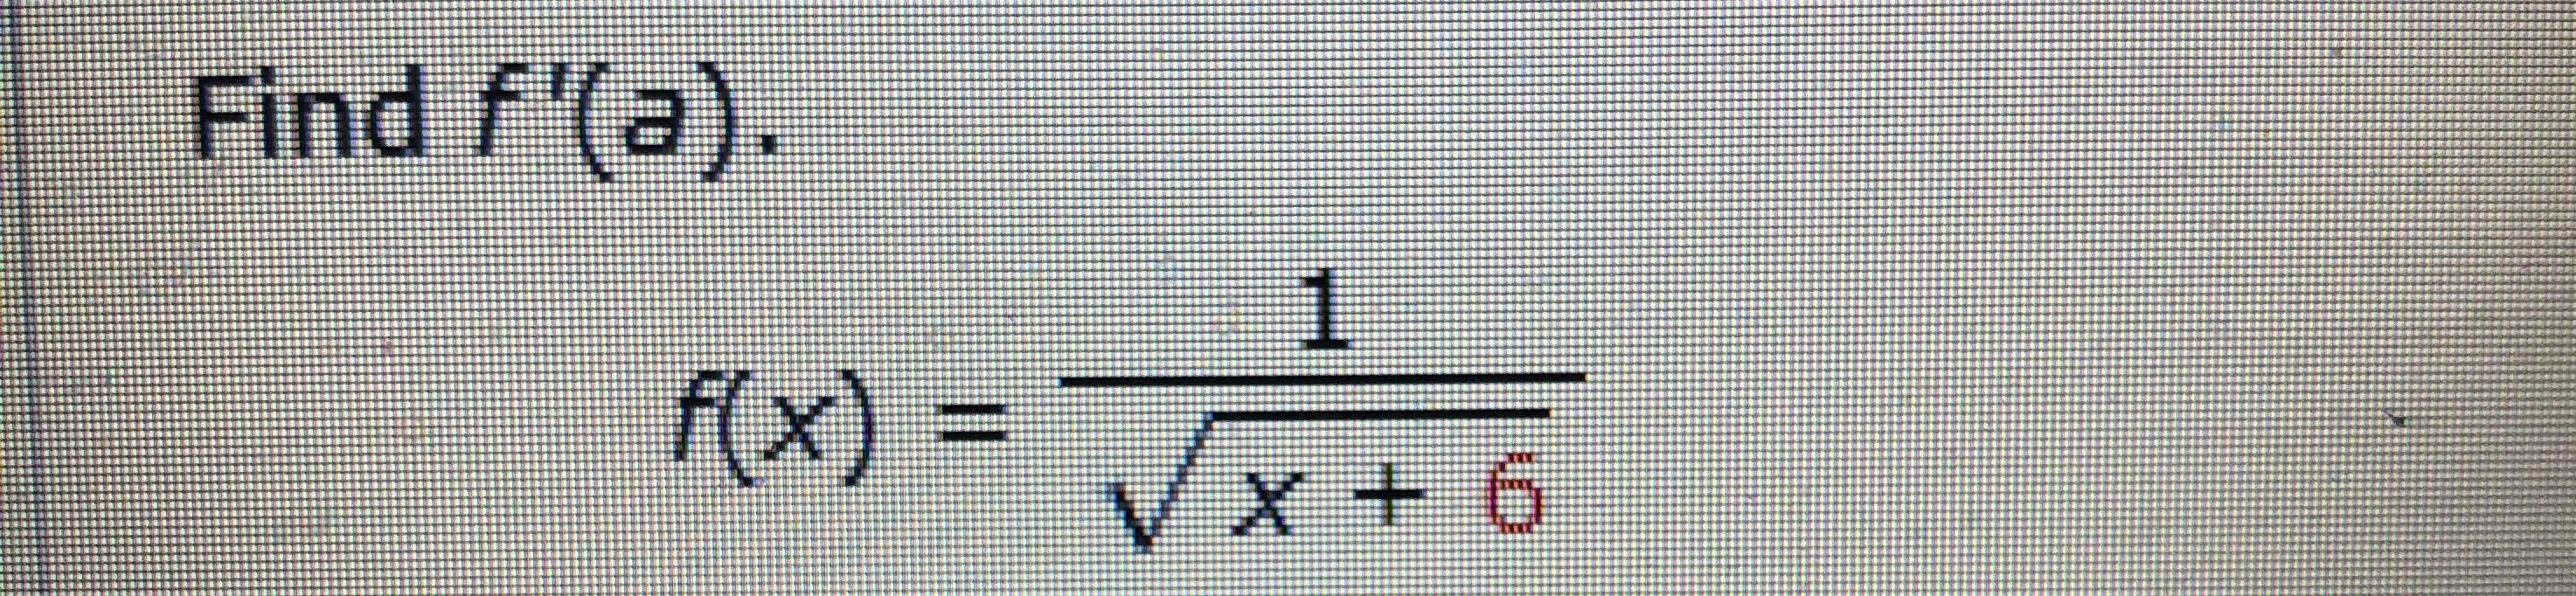 Find f'(a). 1. f(x) =